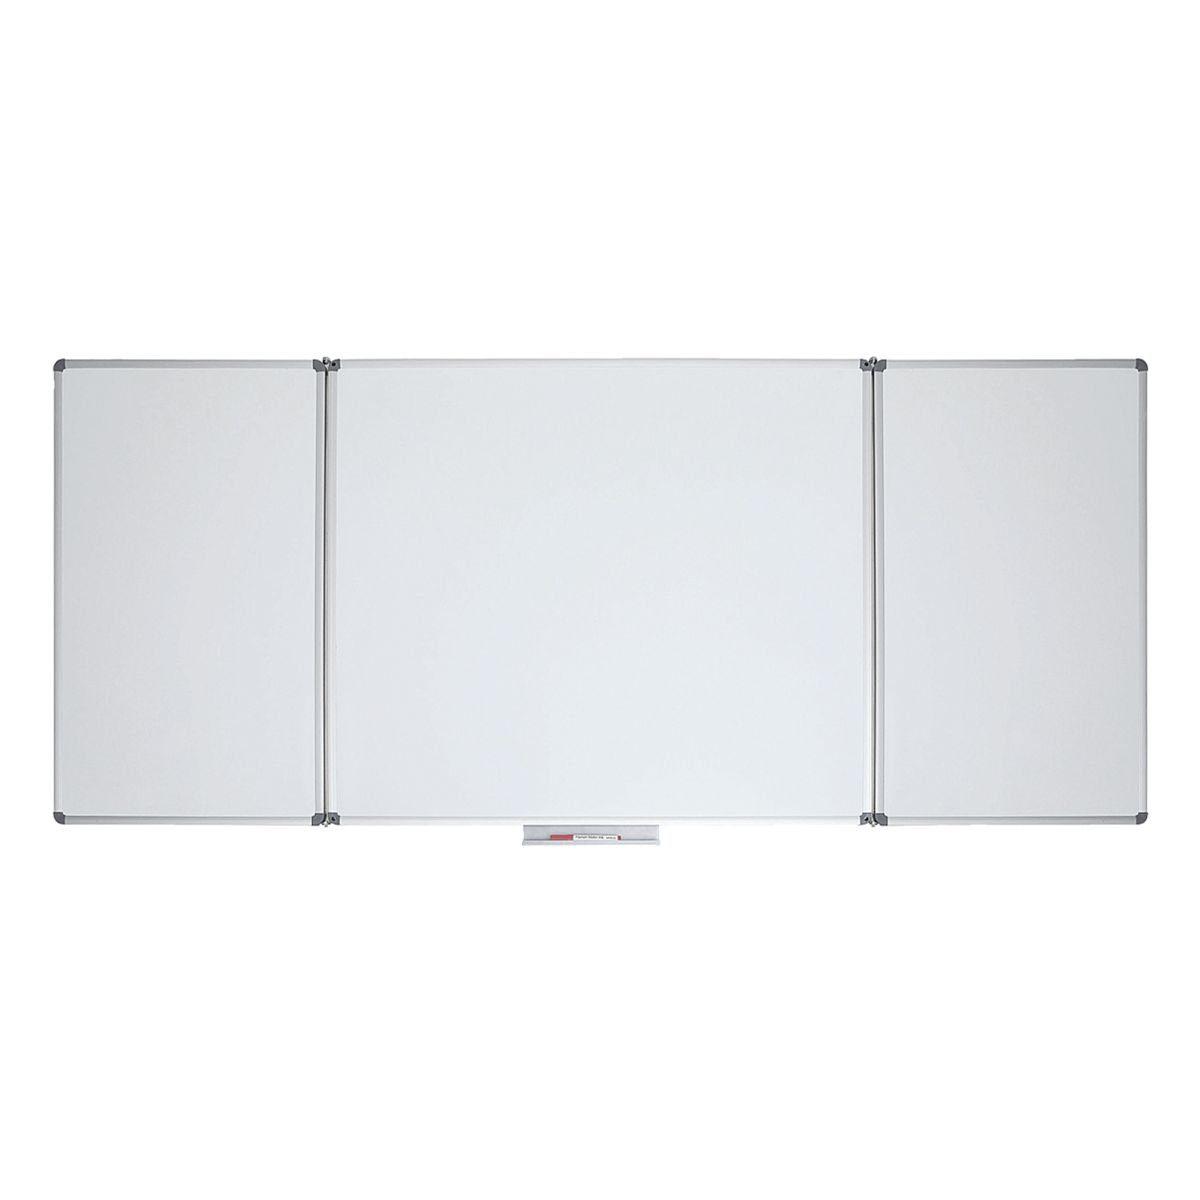 Maul Whiteboard-Klapptafel kunststoffbeschichtet, 300 x 100 cm »6458284«